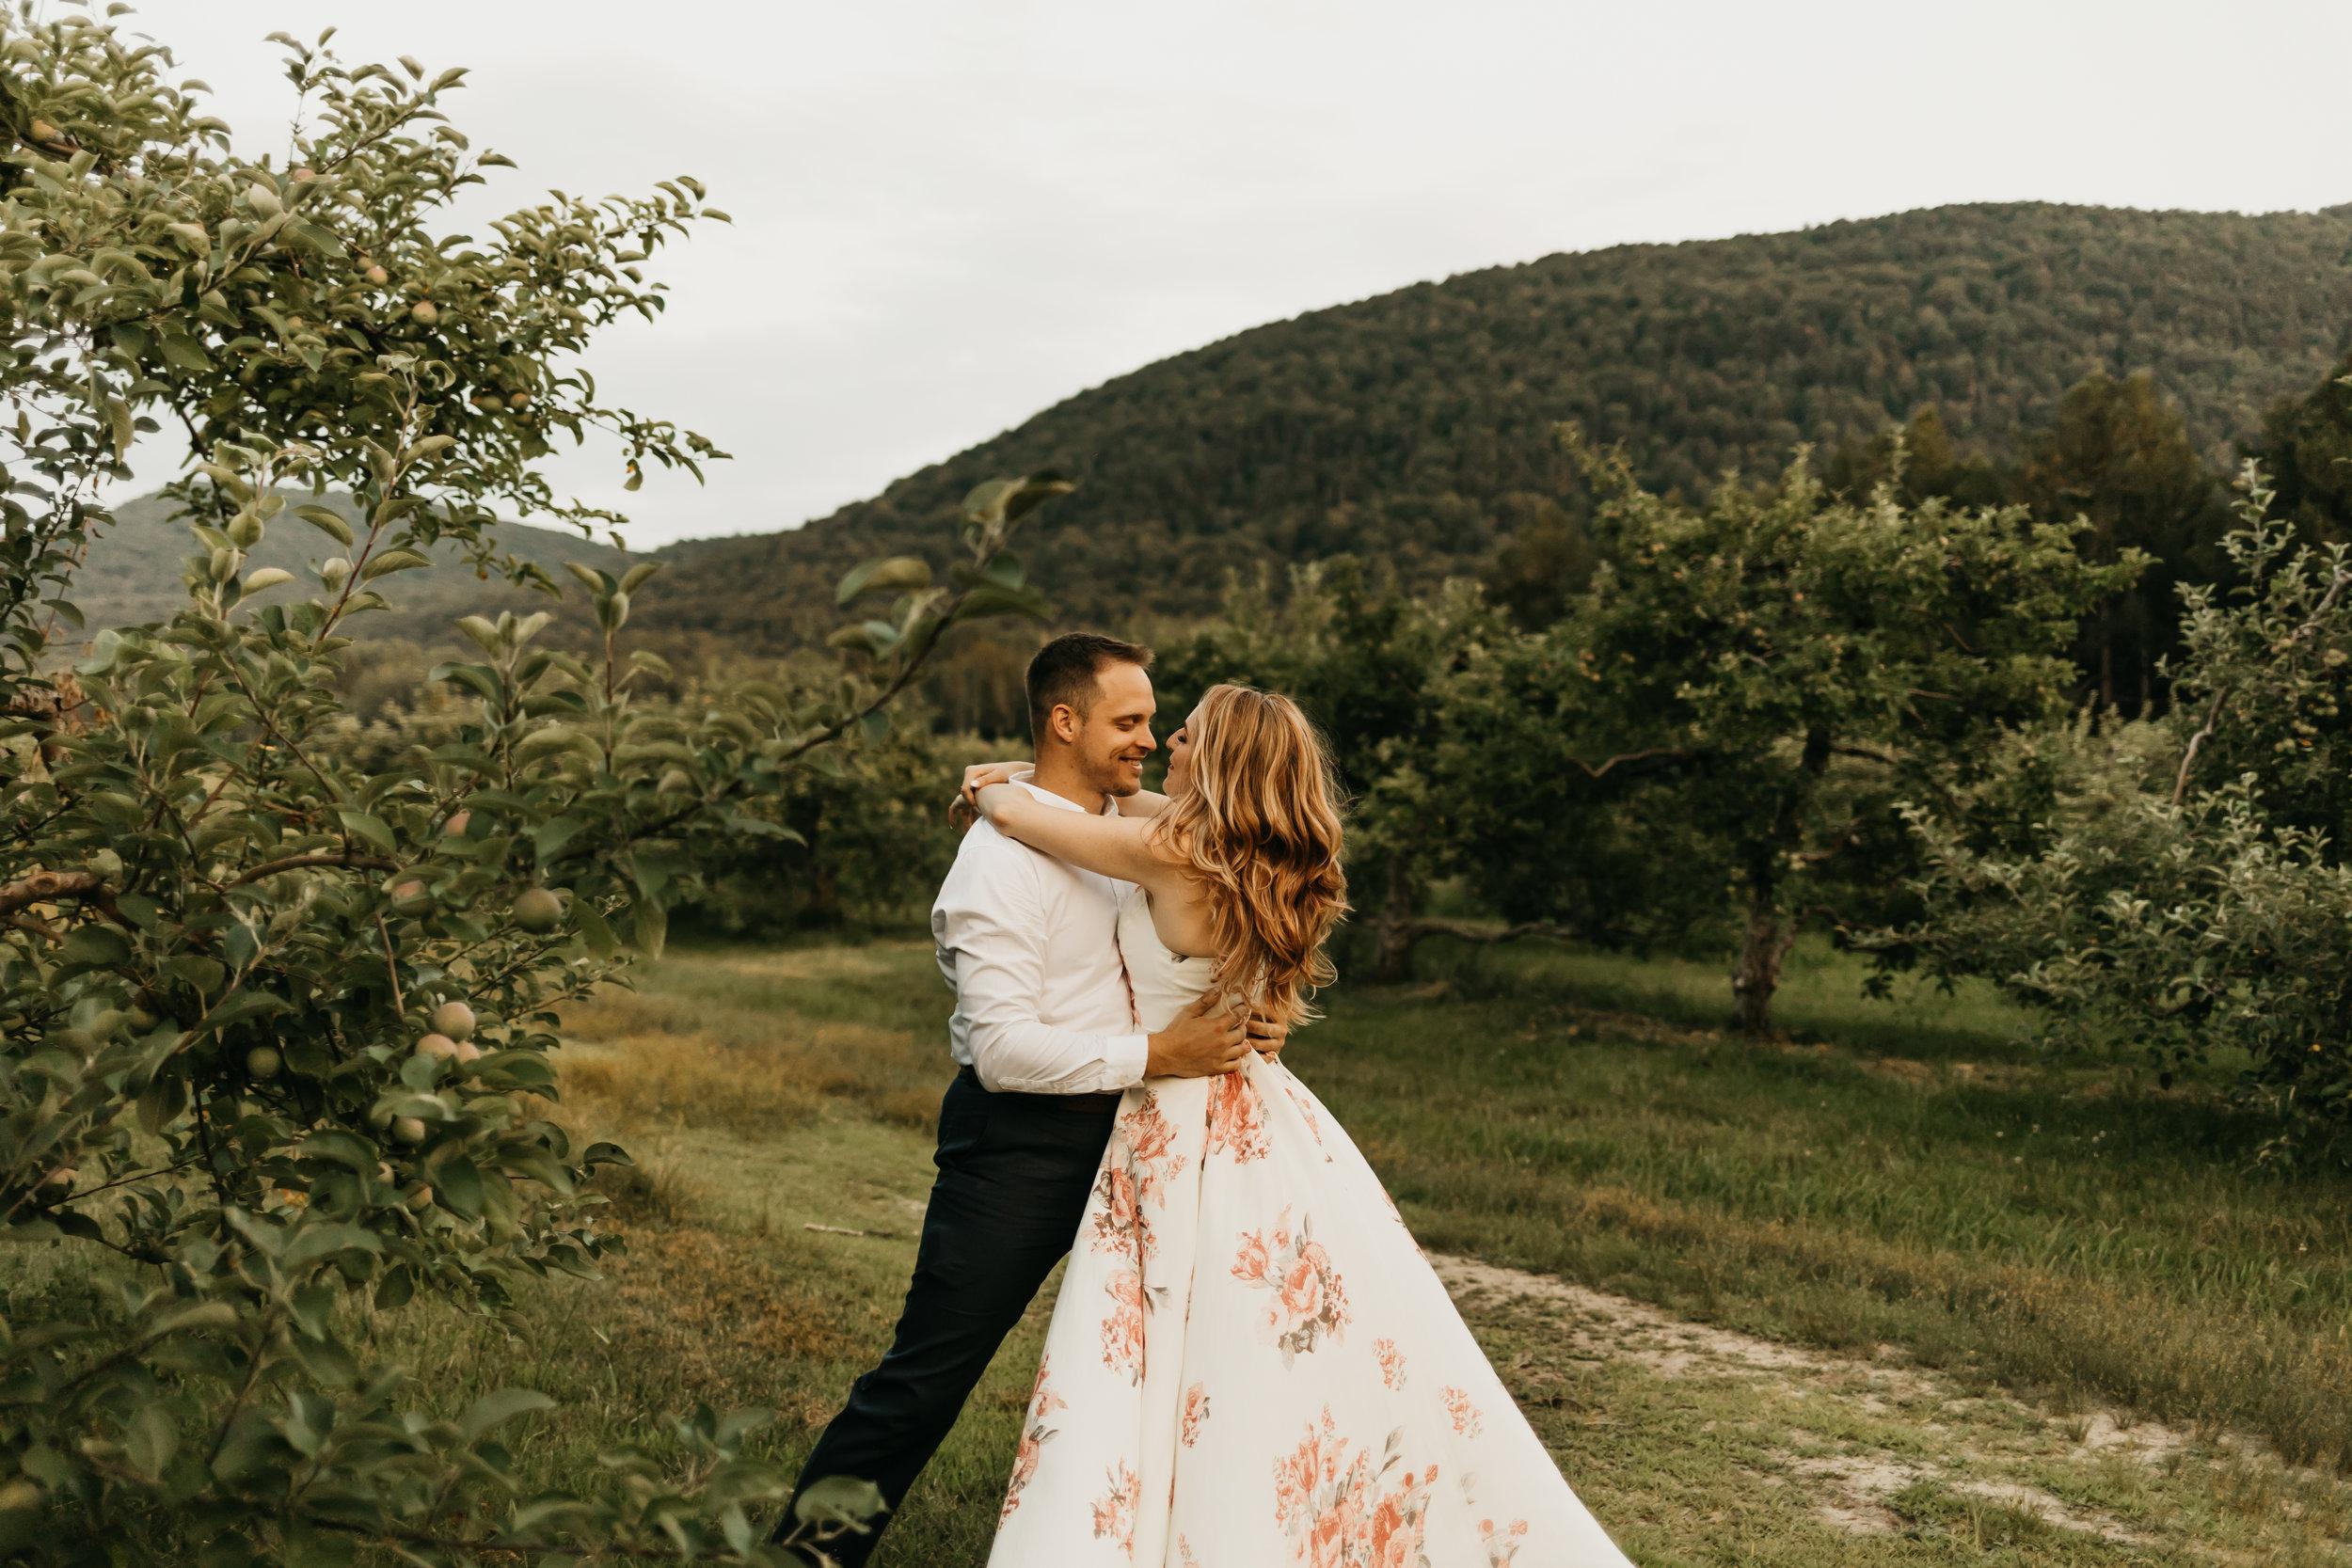 Engagement-shoot-Mont-saint-hilaire-québec-2612.jpg